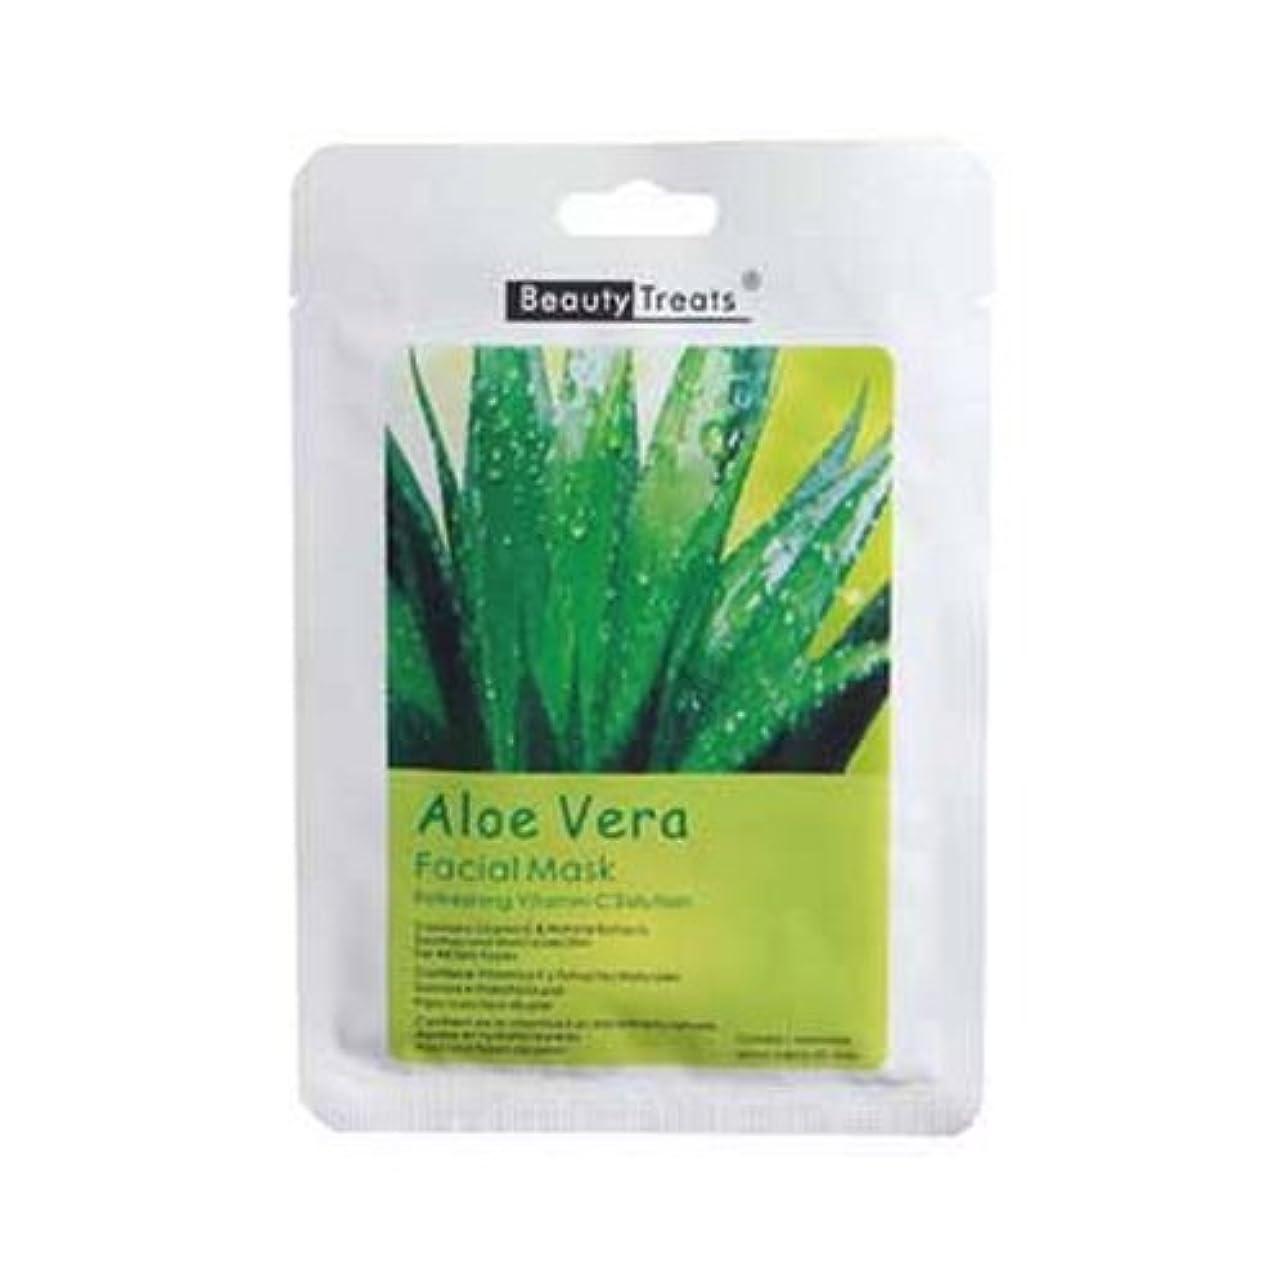 花婿特異性ジャンク(3 Pack) BEAUTY TREATS Facial Mask Refreshing Vitamin C Solution - Aloe Vera (並行輸入品)